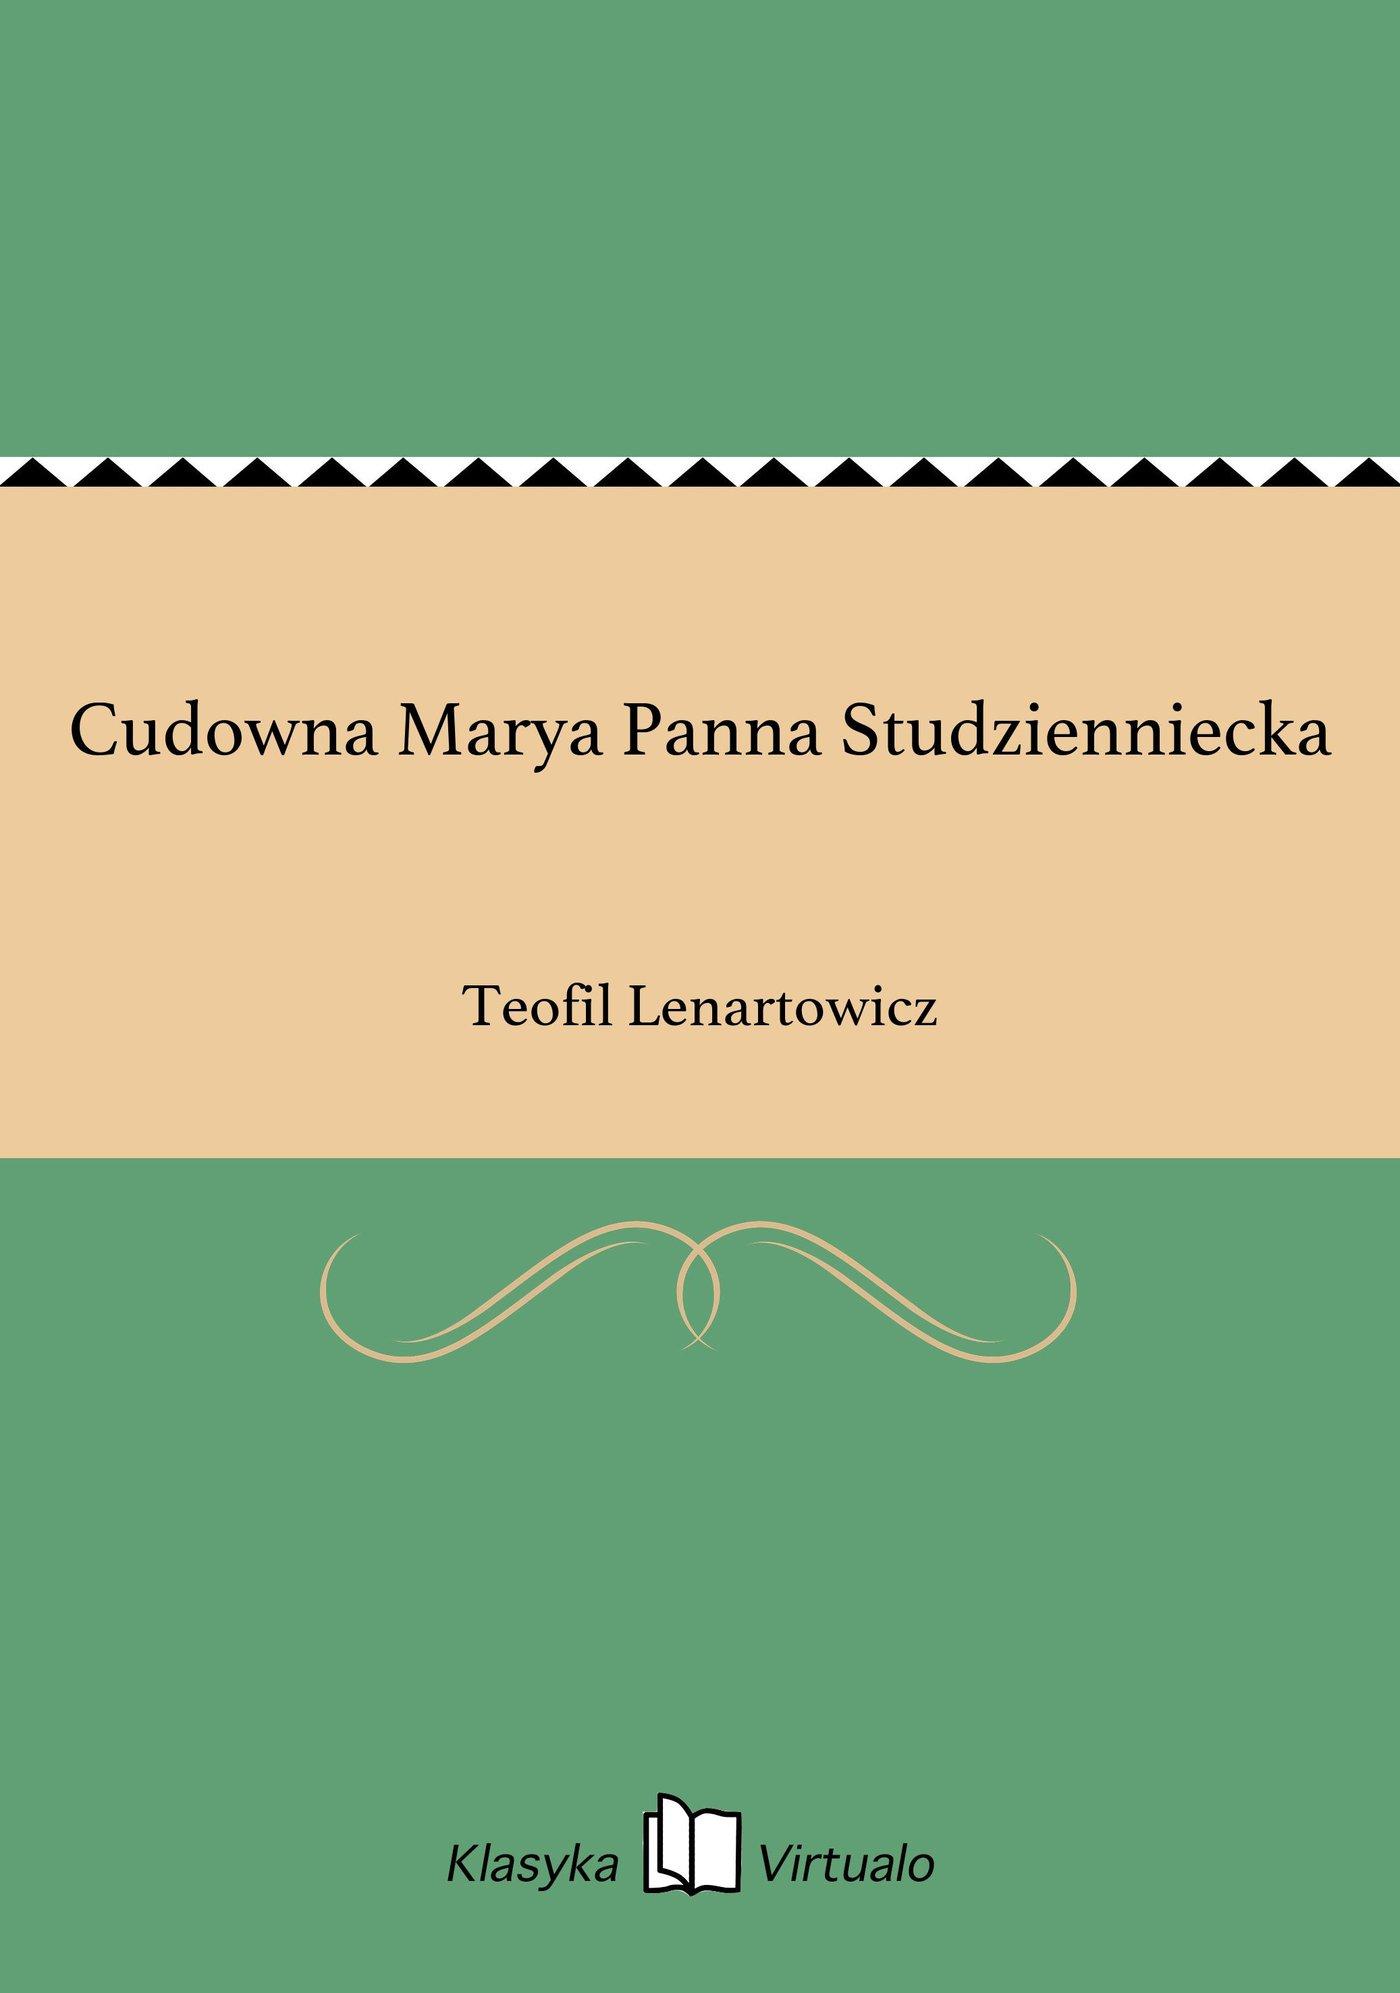 Cudowna Marya Panna Studzienniecka - Ebook (Książka EPUB) do pobrania w formacie EPUB